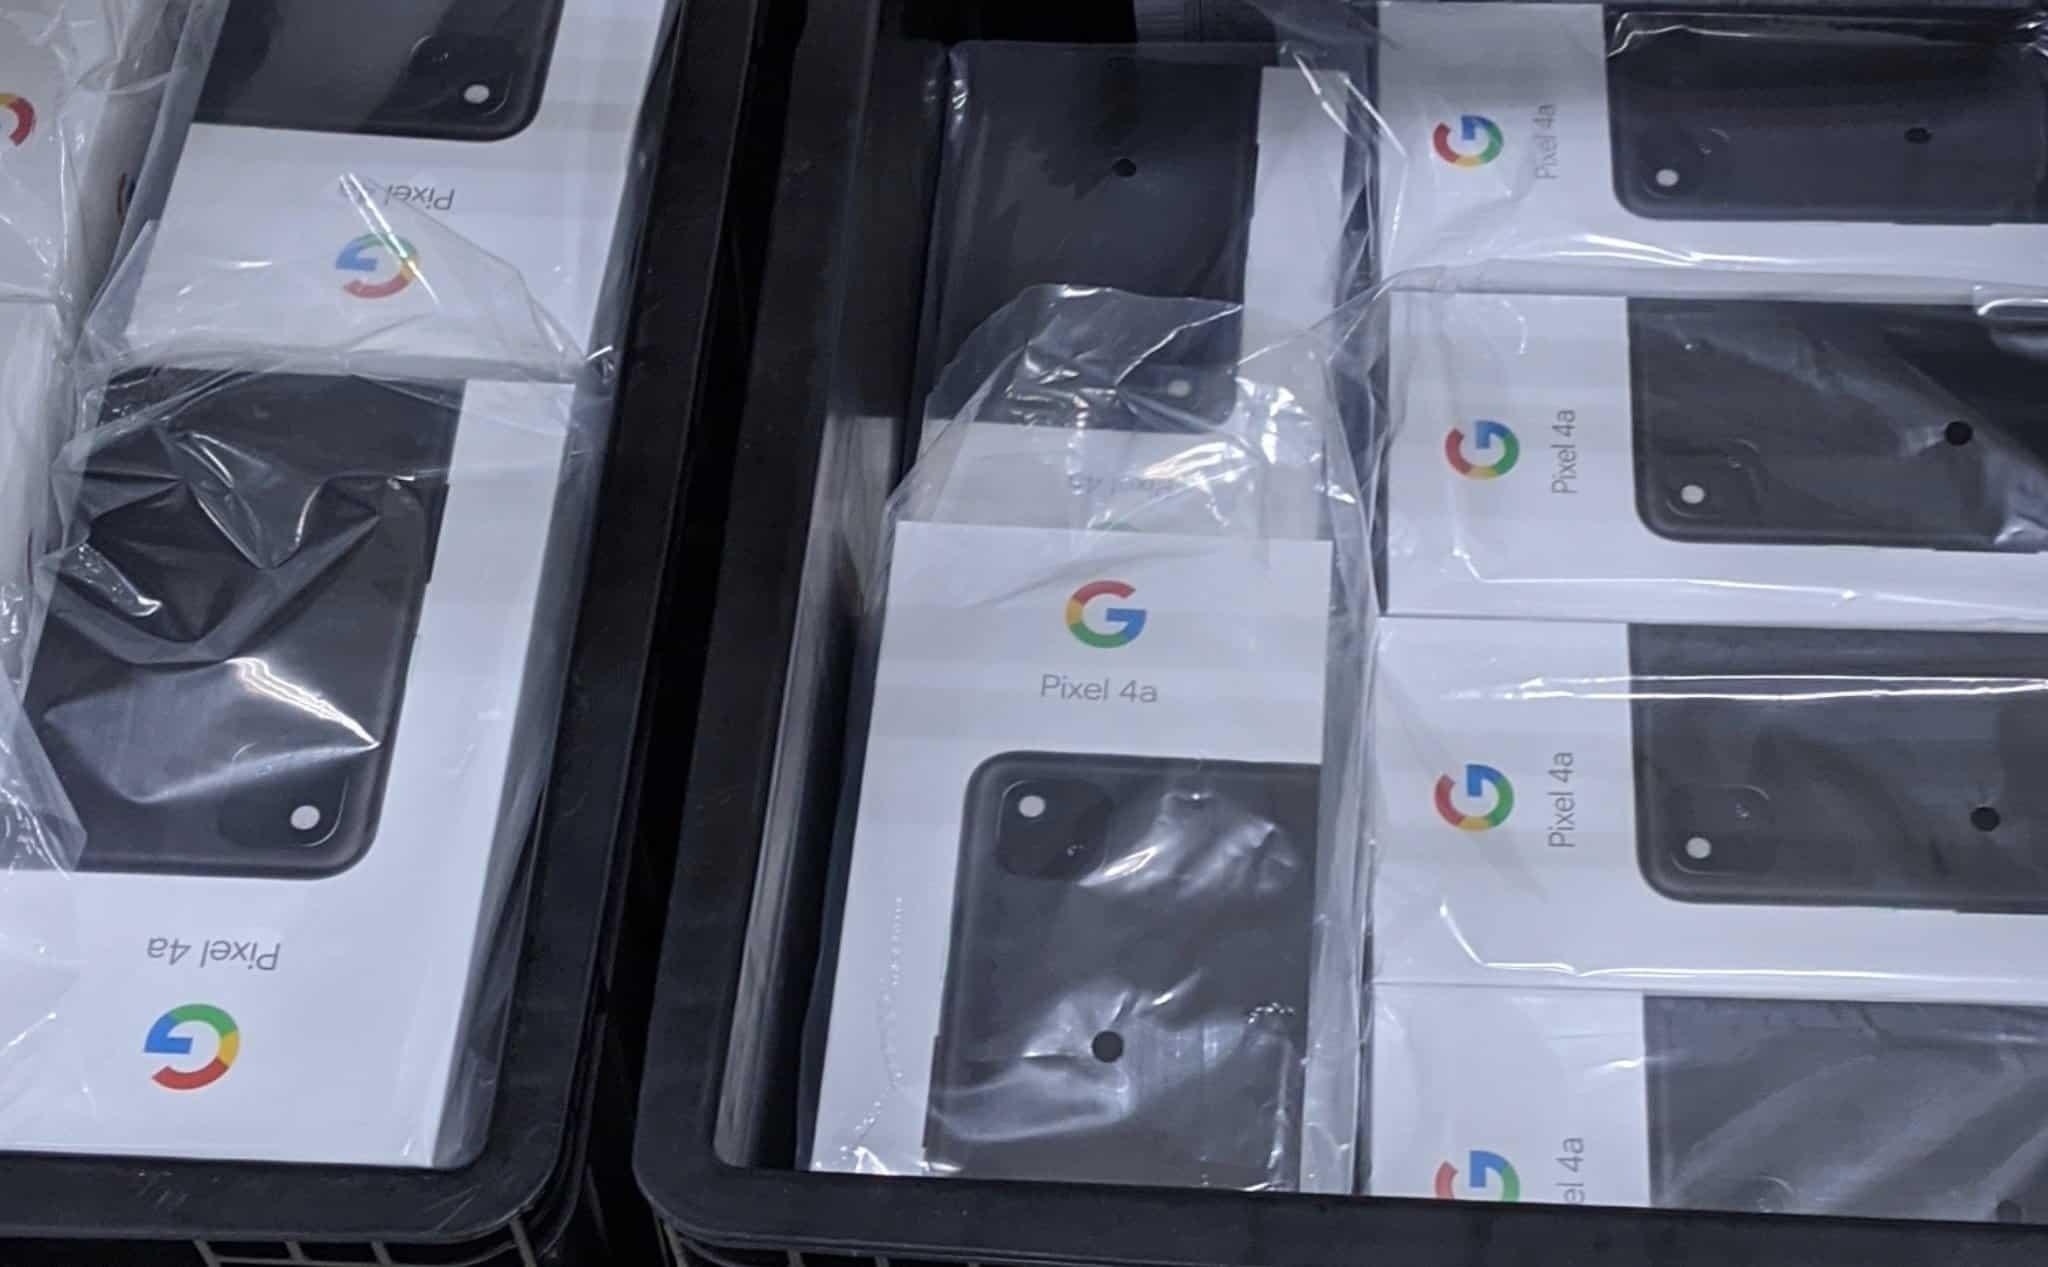 Google Pixel 4a Retail Box Leak